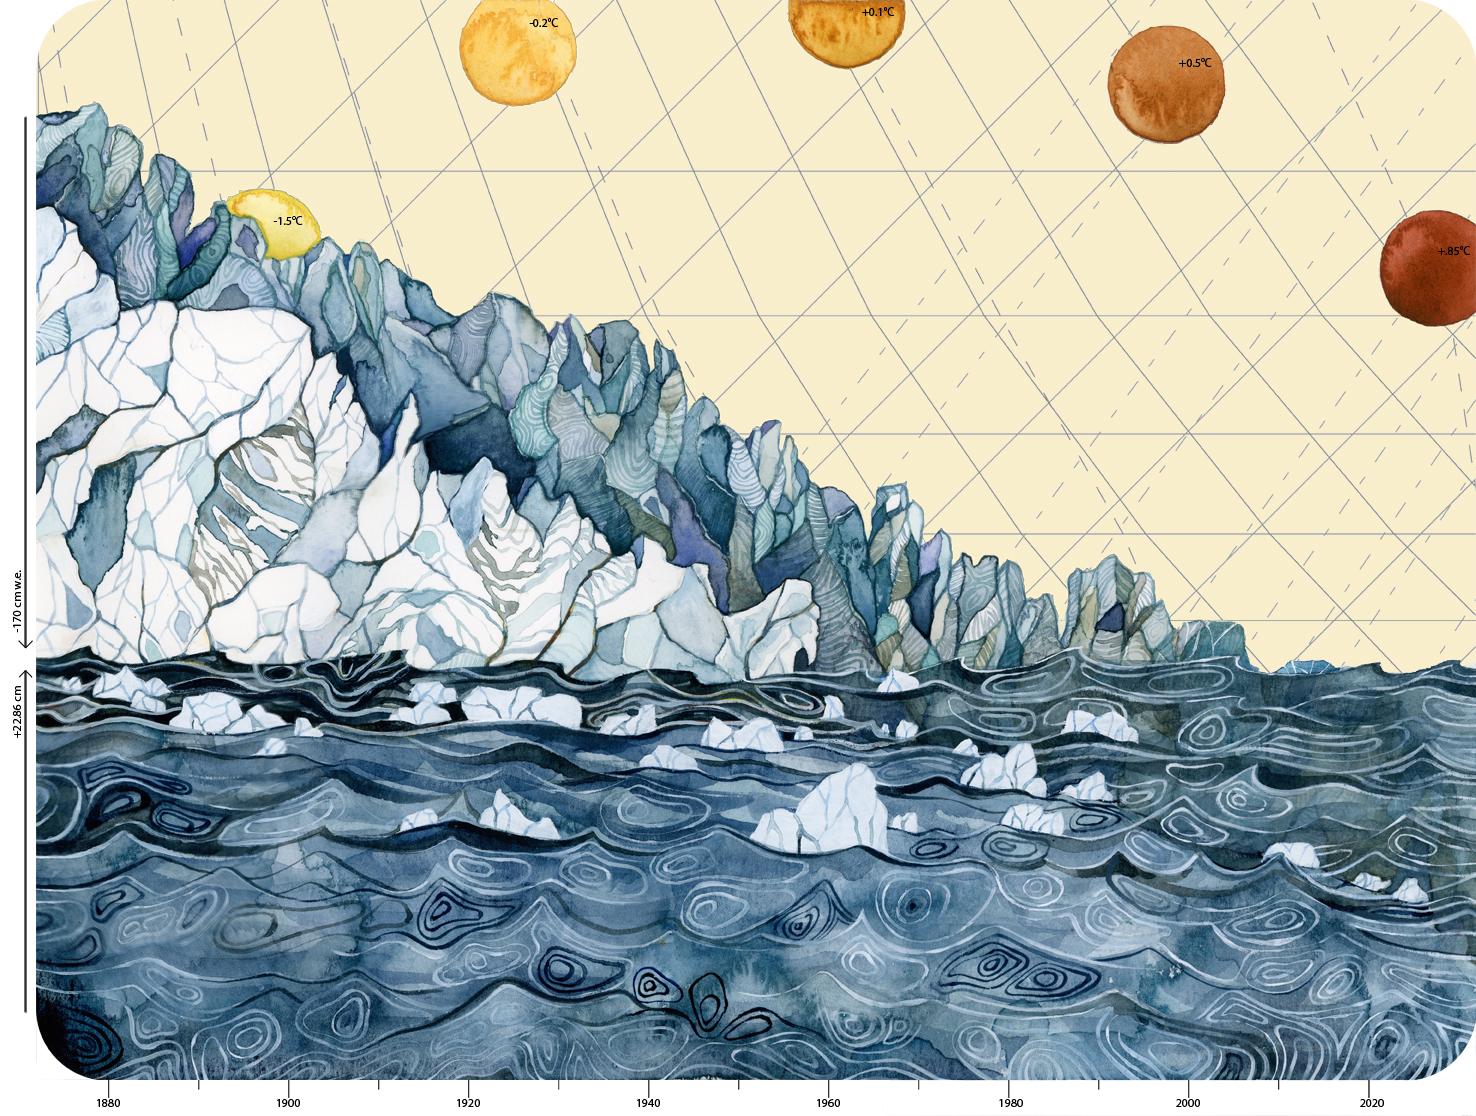 Aumento della temperatura, riduzione dei ghiacciai e aumento del livello del mare (© Jill Pelto)